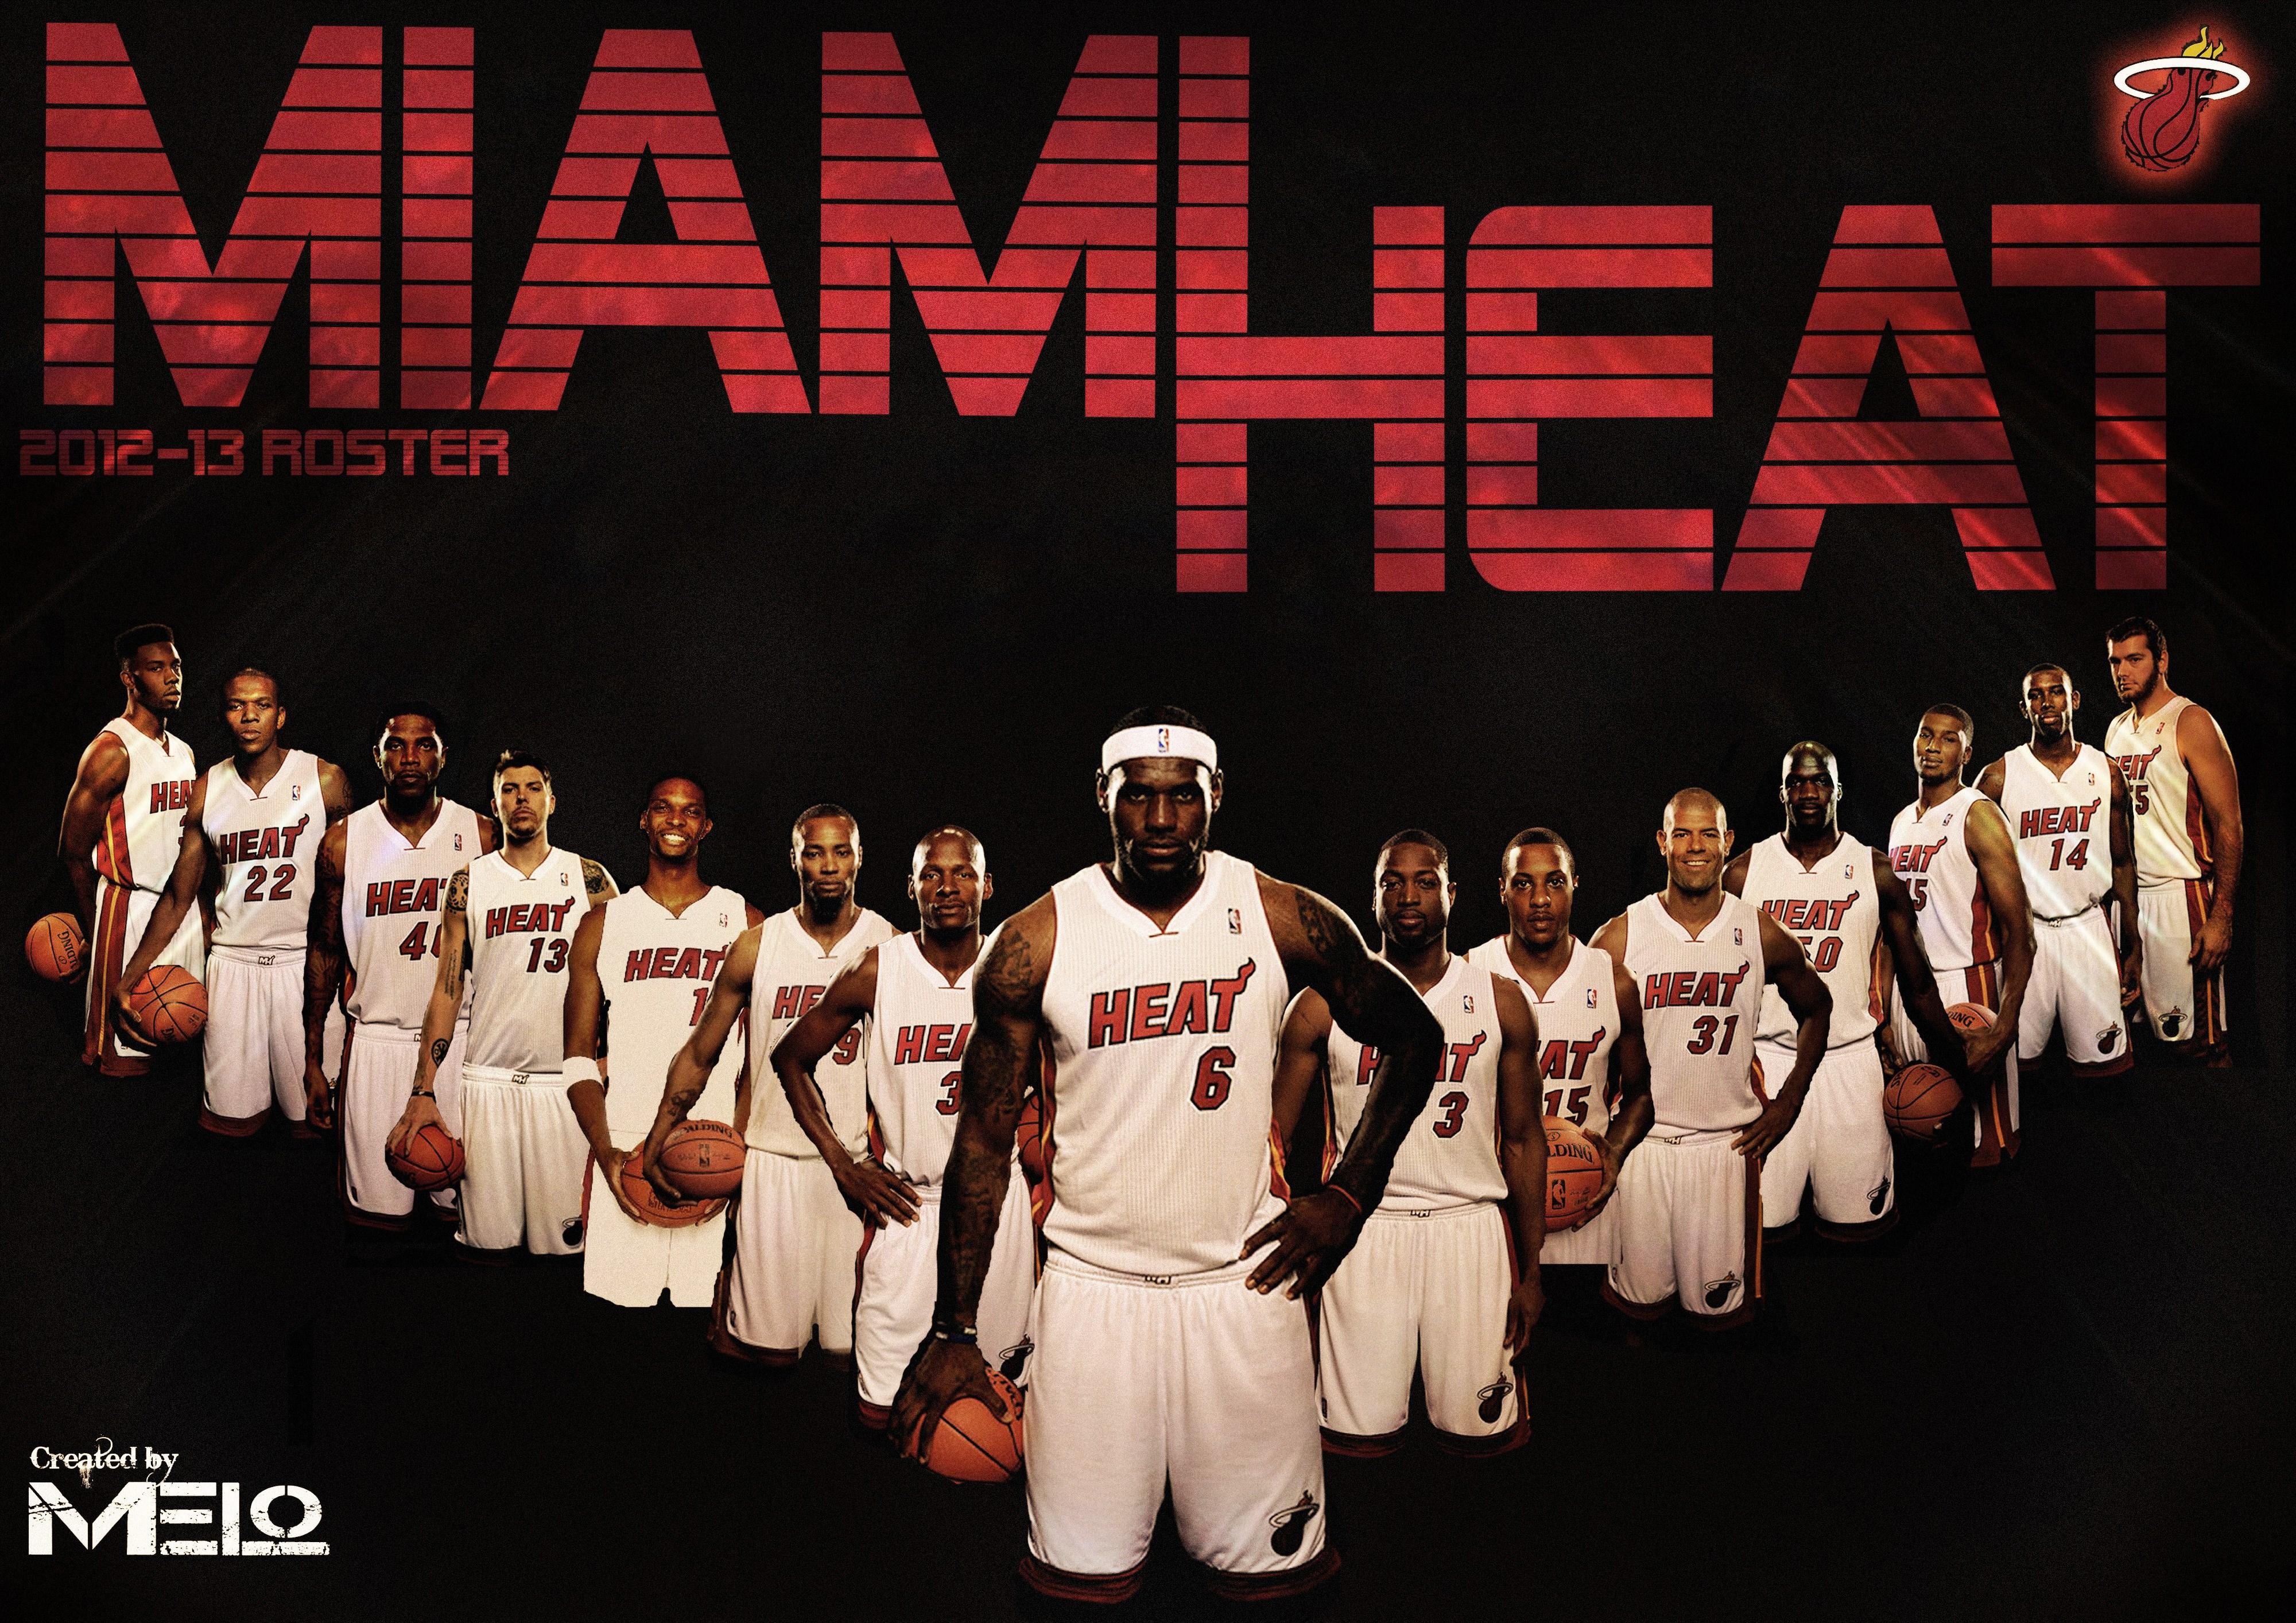 Best Miami Heat Wallpaper HD ImageBankbiz 4000x2828